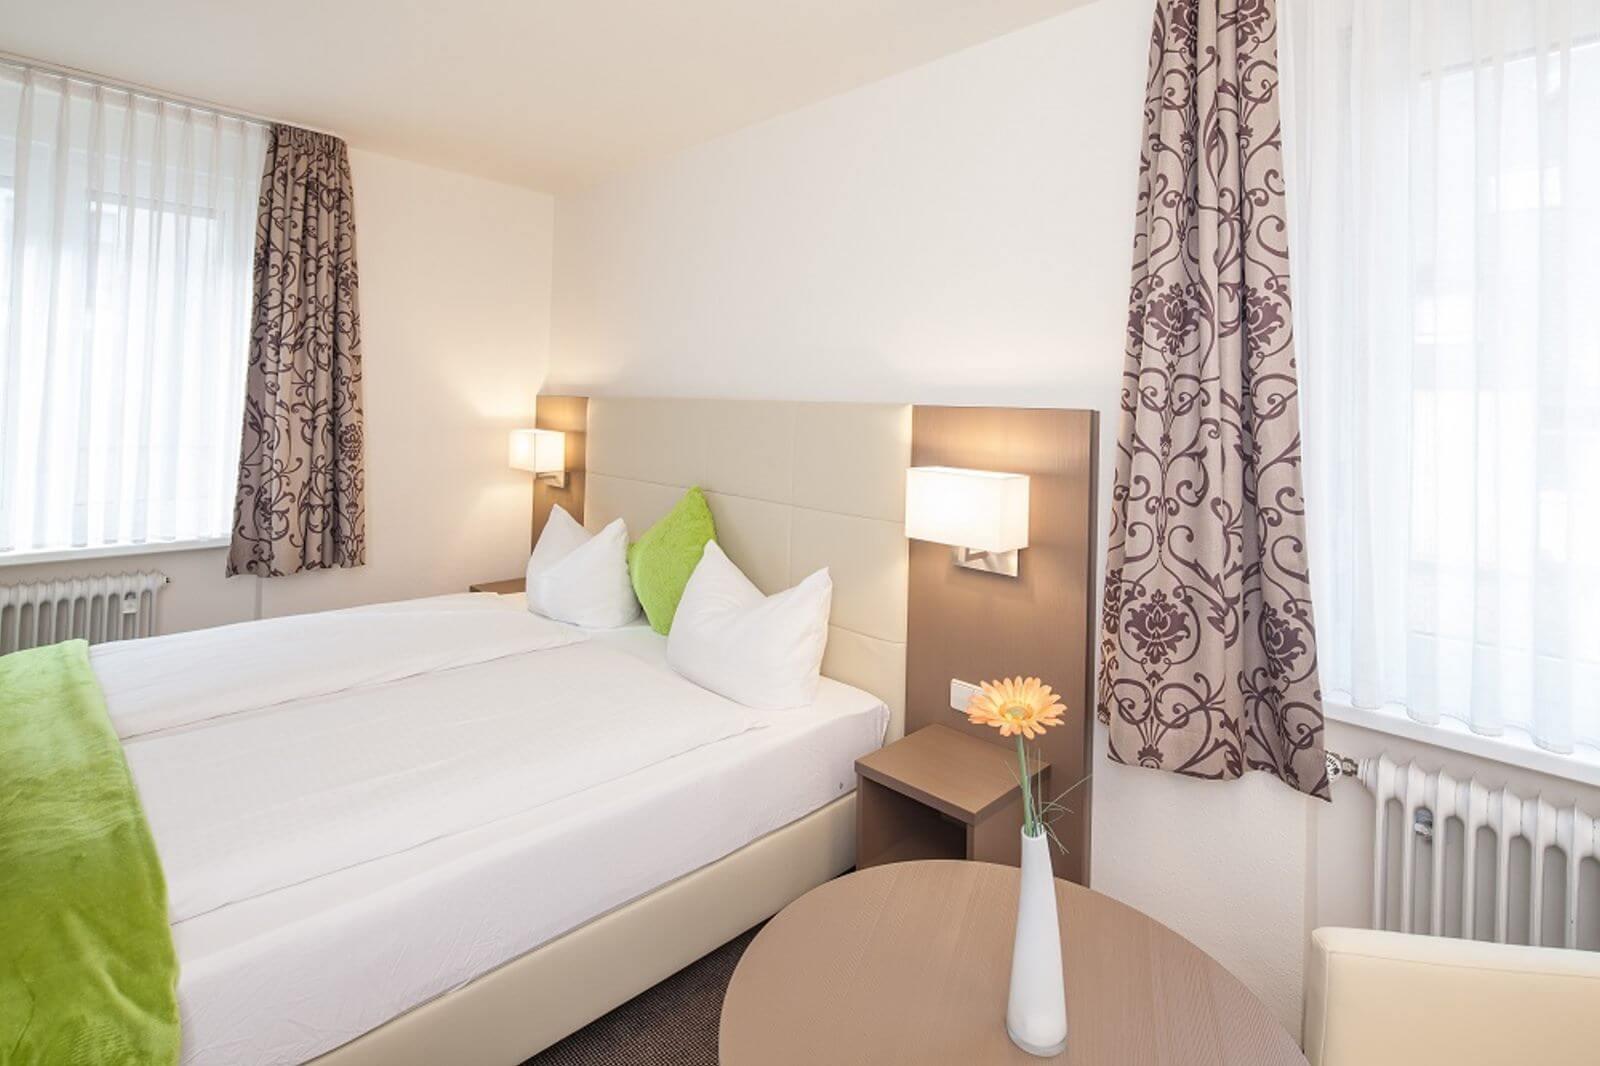 doppelzimmer-hotel-garni-pension-freiburg-cityhotel-innenstadt-guenstig (1)